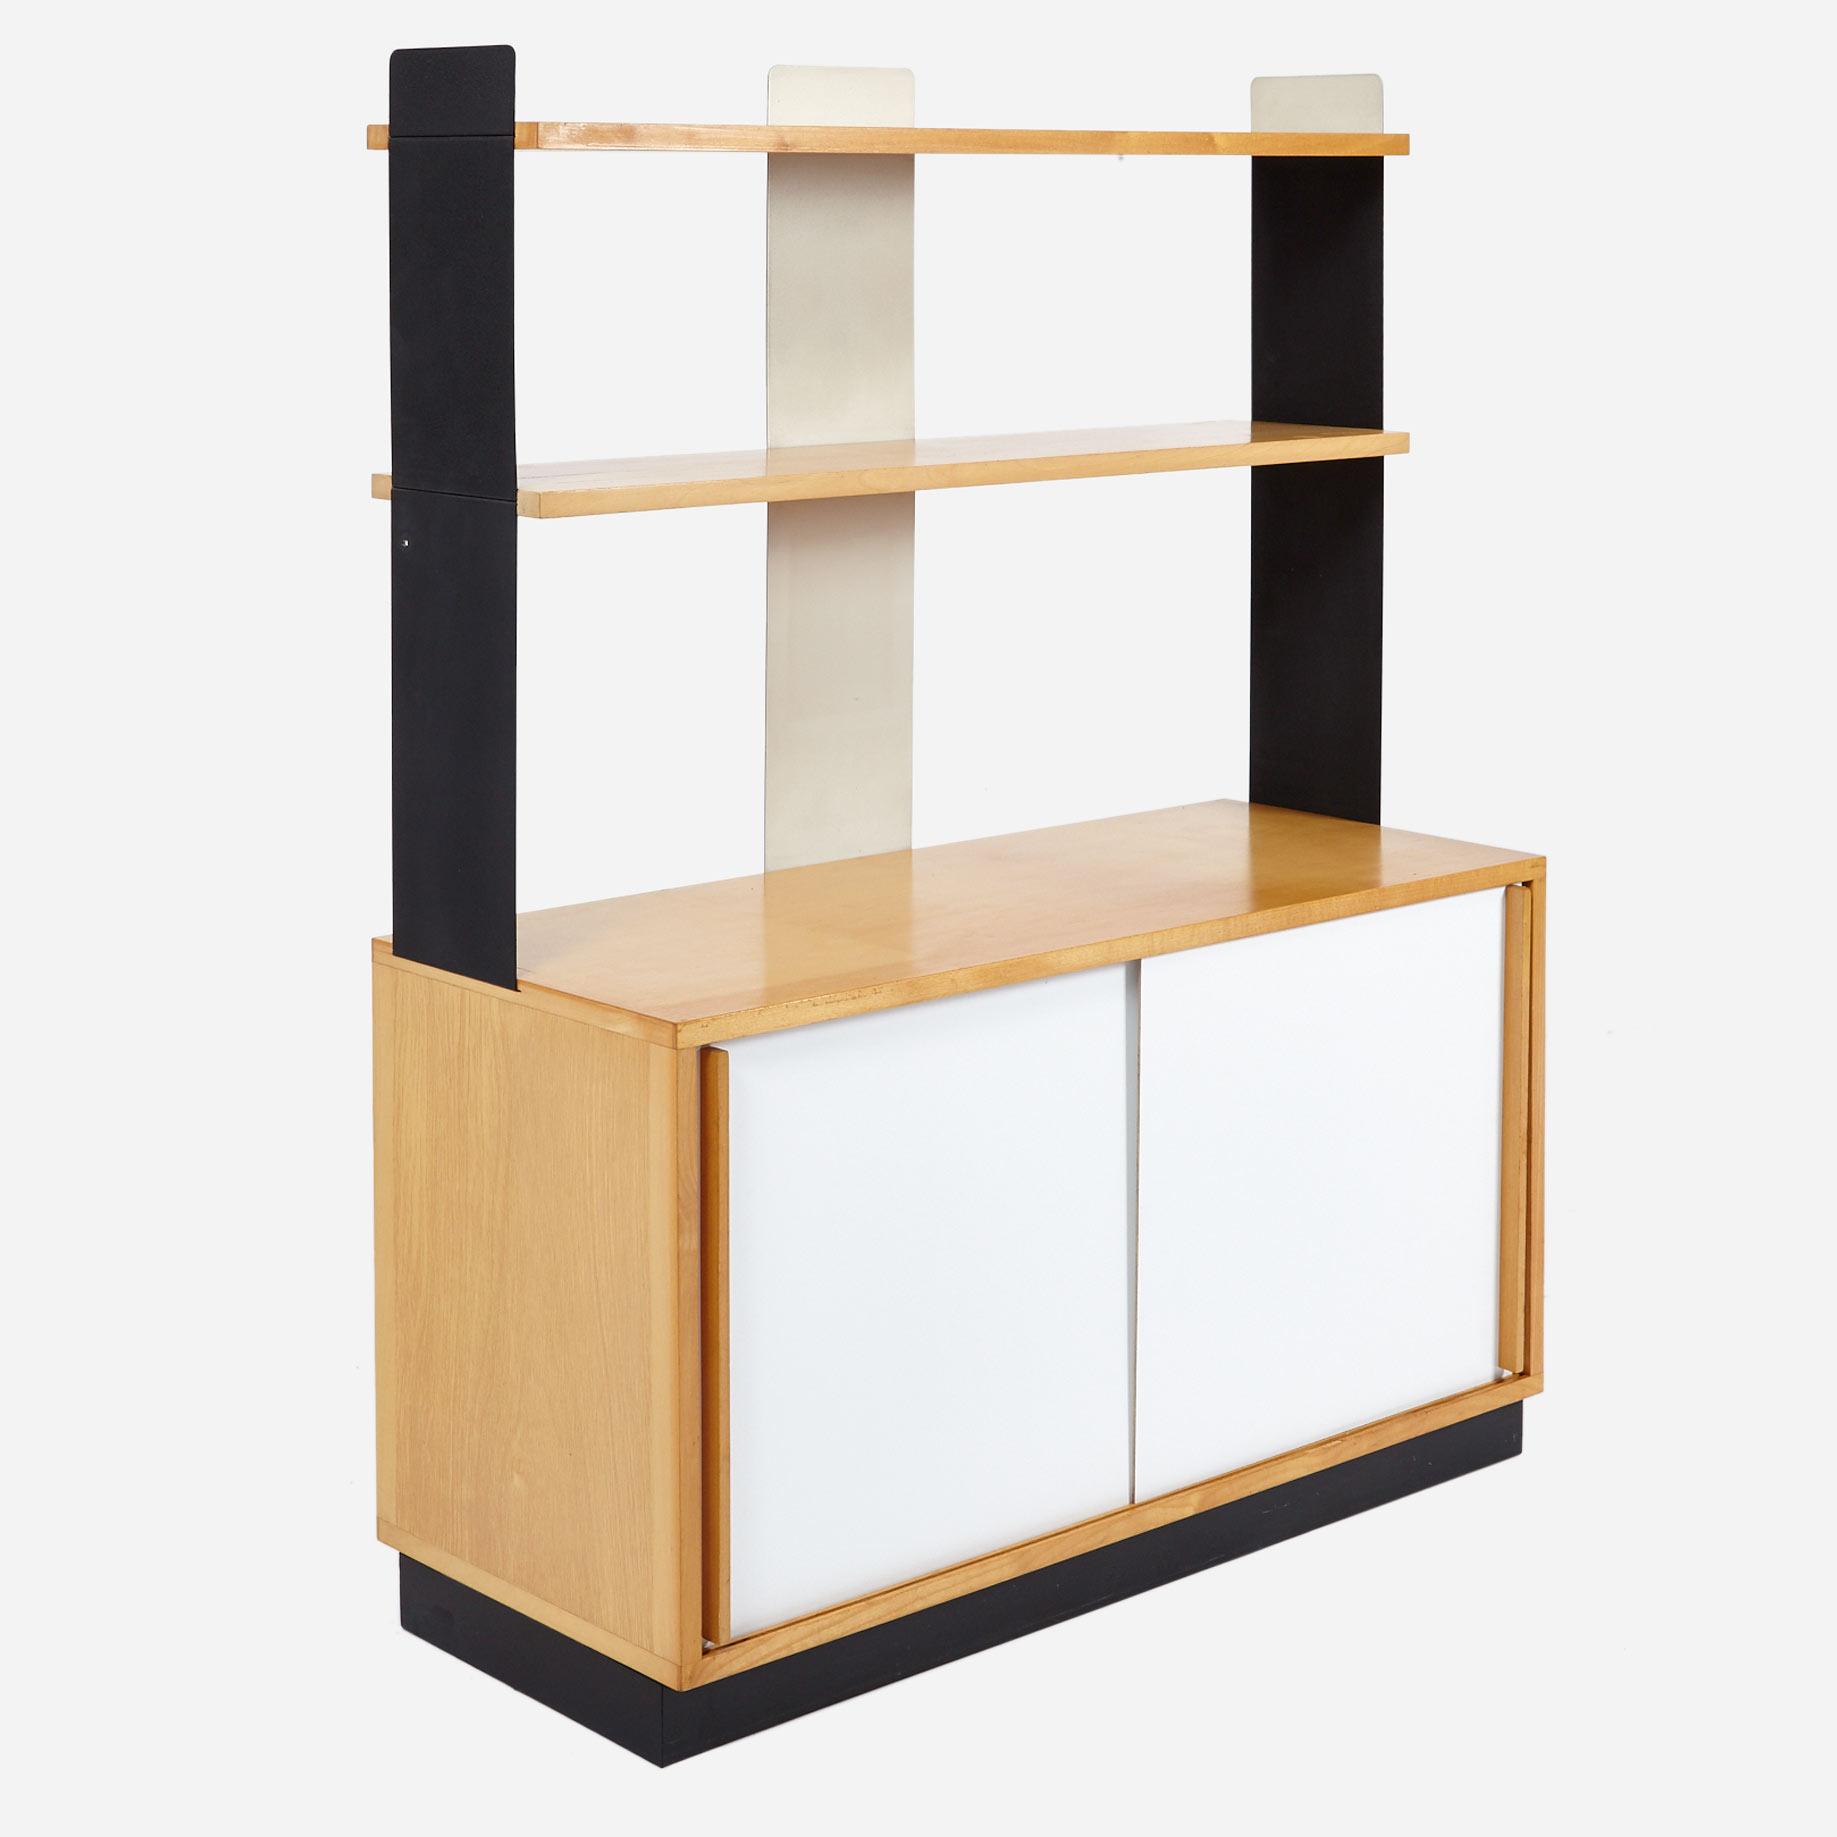 b cherregal kienzle f r embru m bel z rich vintagem bel. Black Bedroom Furniture Sets. Home Design Ideas